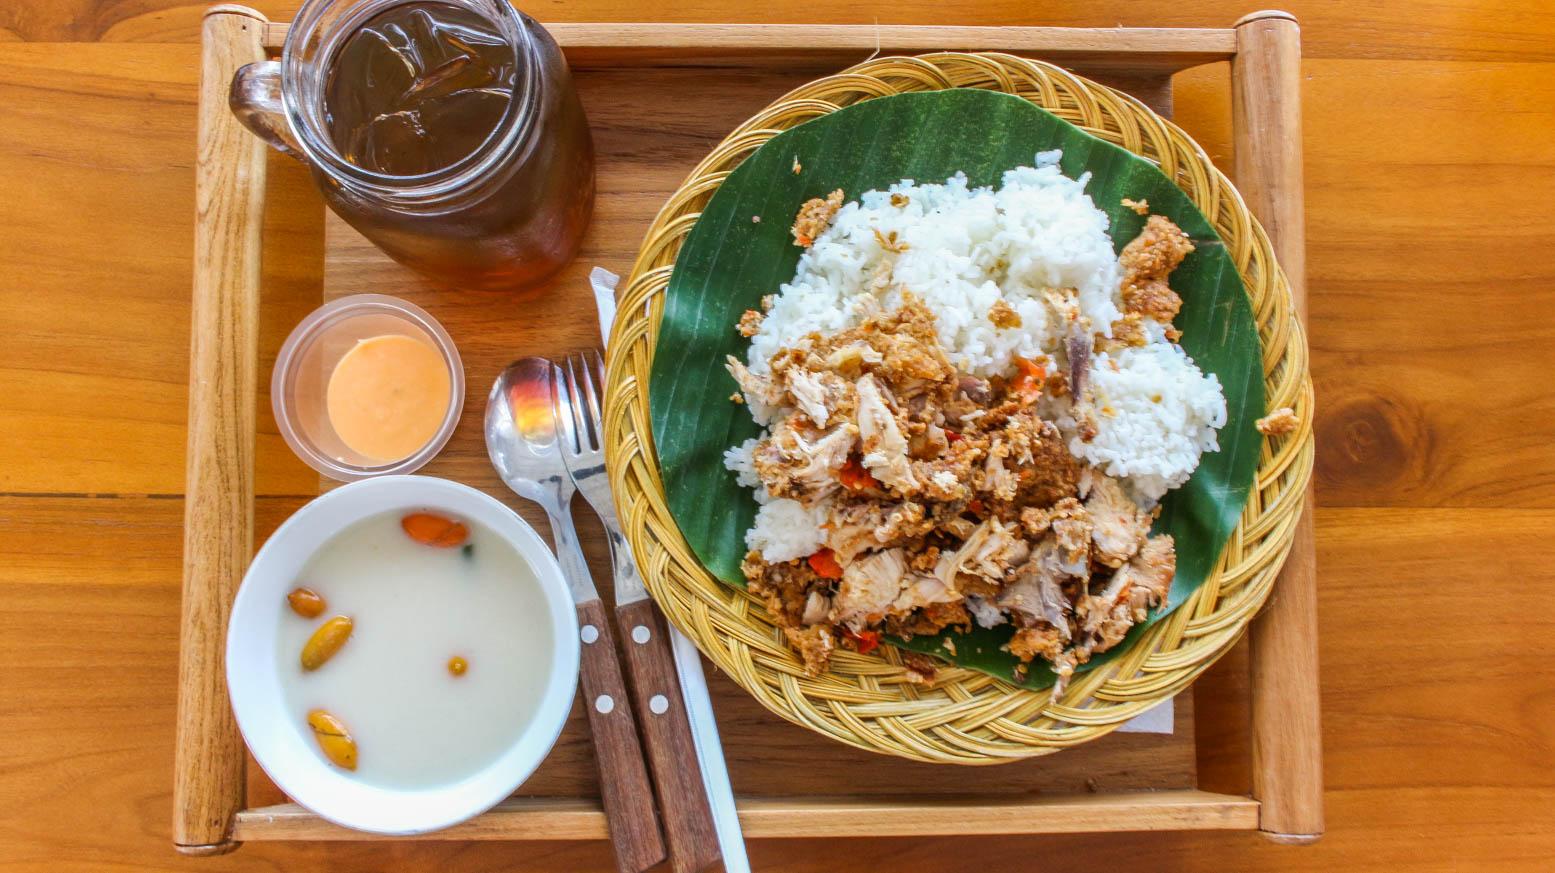 Ayam geprek raminten kitchen ayam geprek dada sayur lodeh saus keju plus es teh